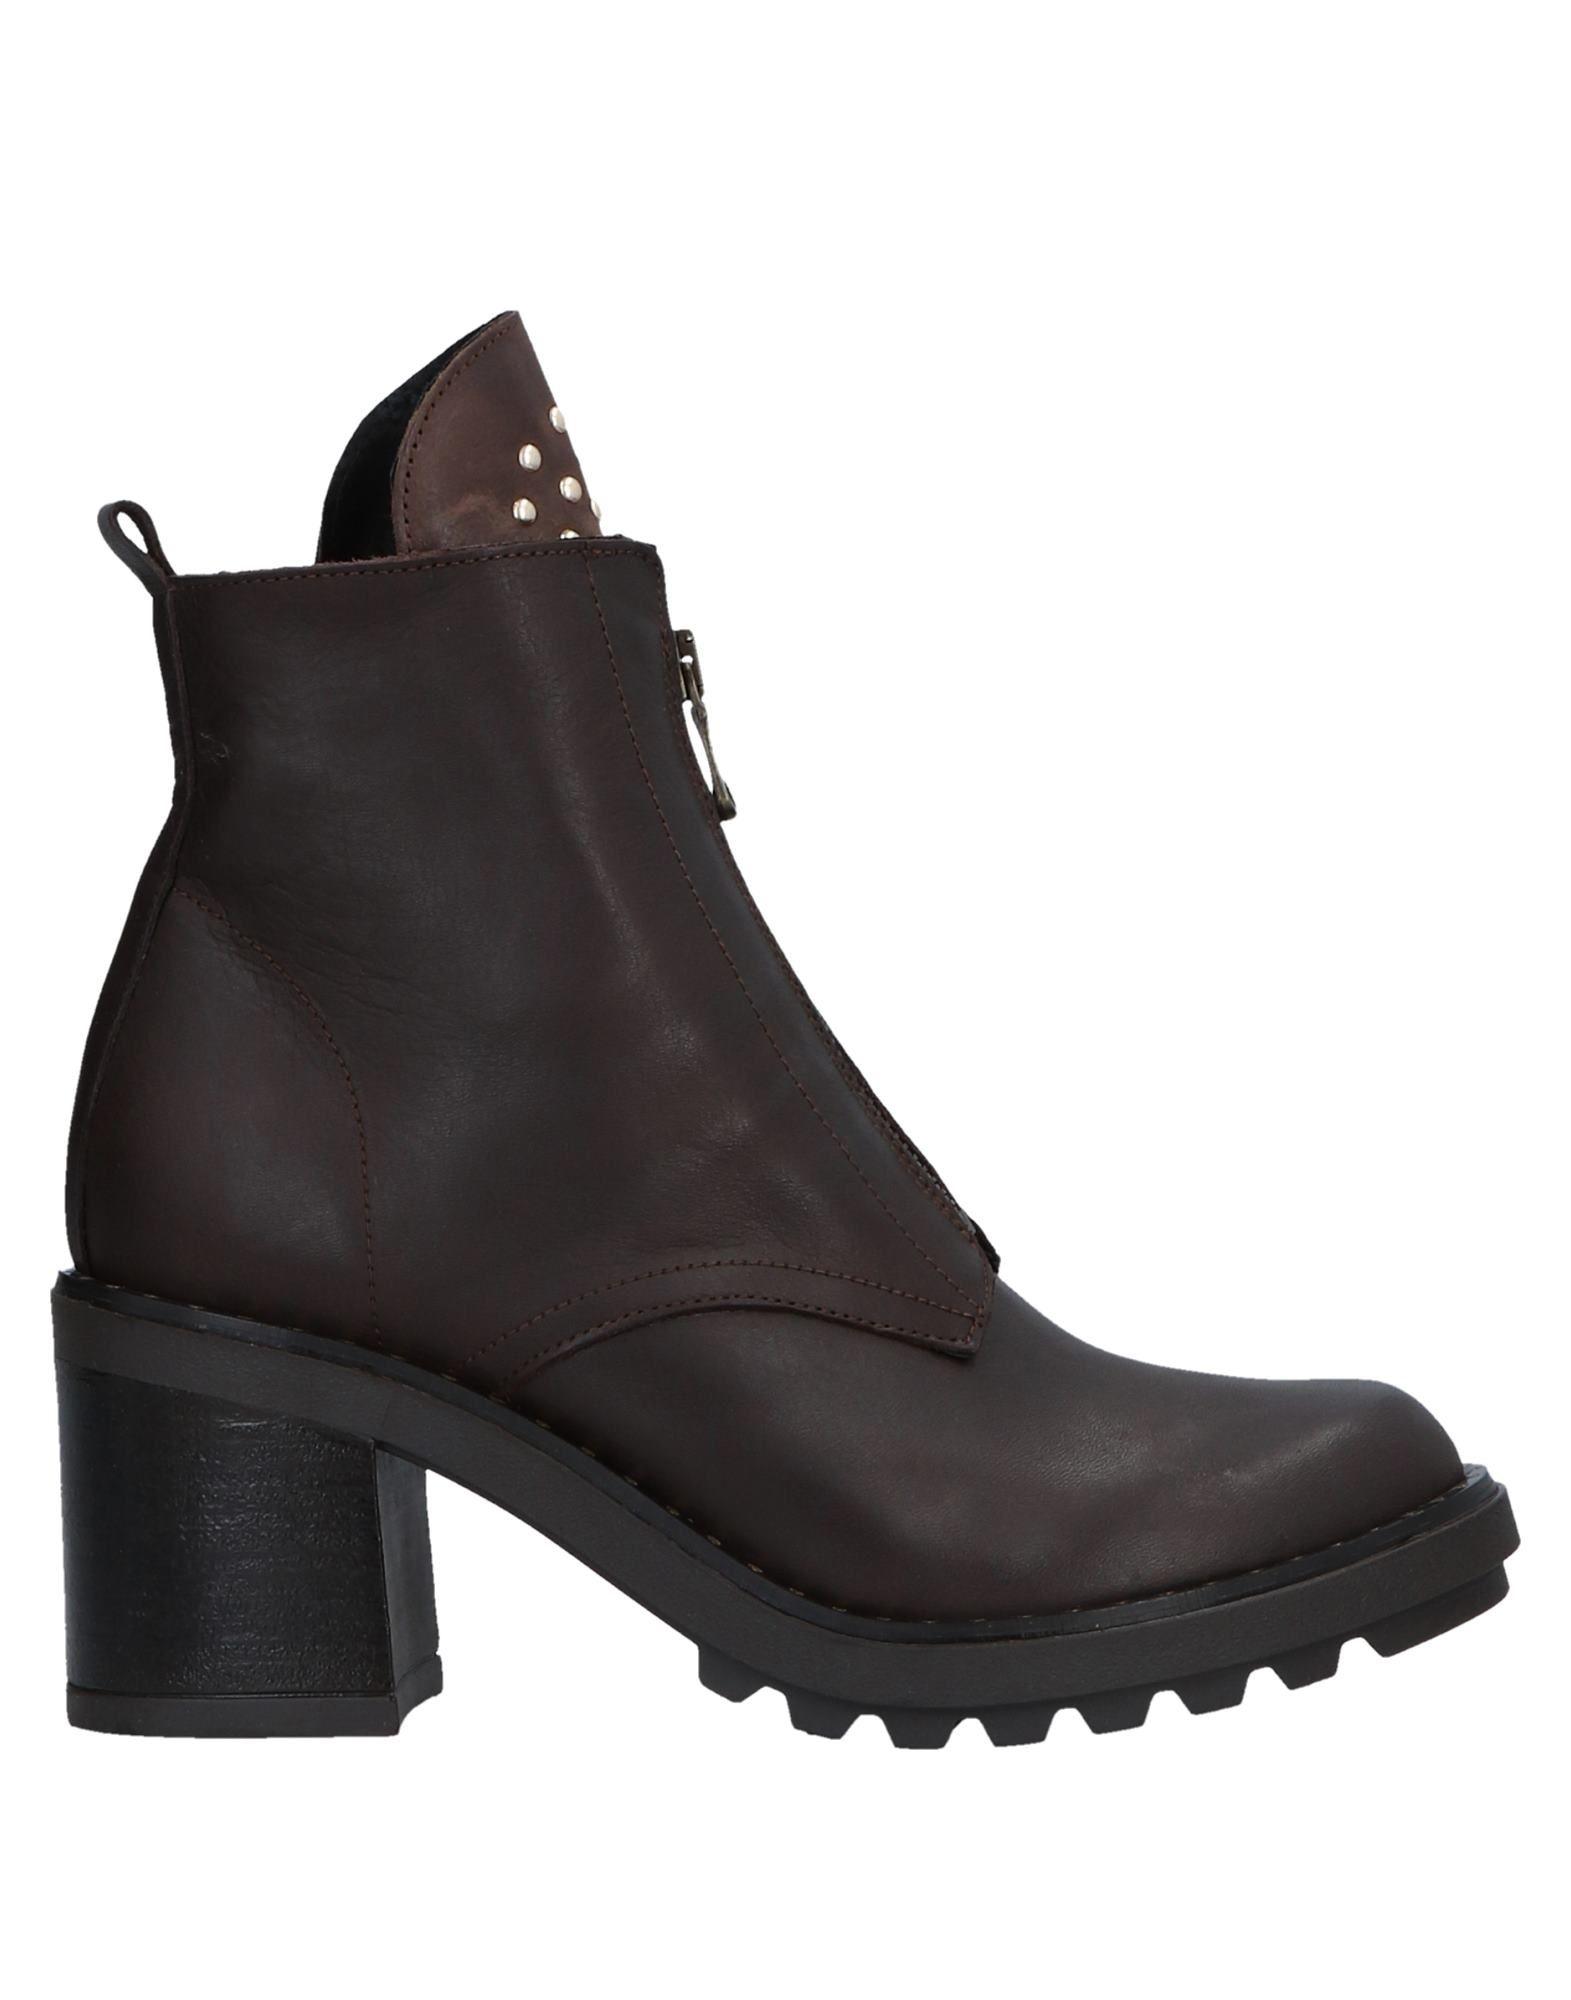 Bottine Le Pepite Femme - Bottines Le Pepite Noir Les pour chaussures les plus populaires pour Les les hommes et les femmes ce4239